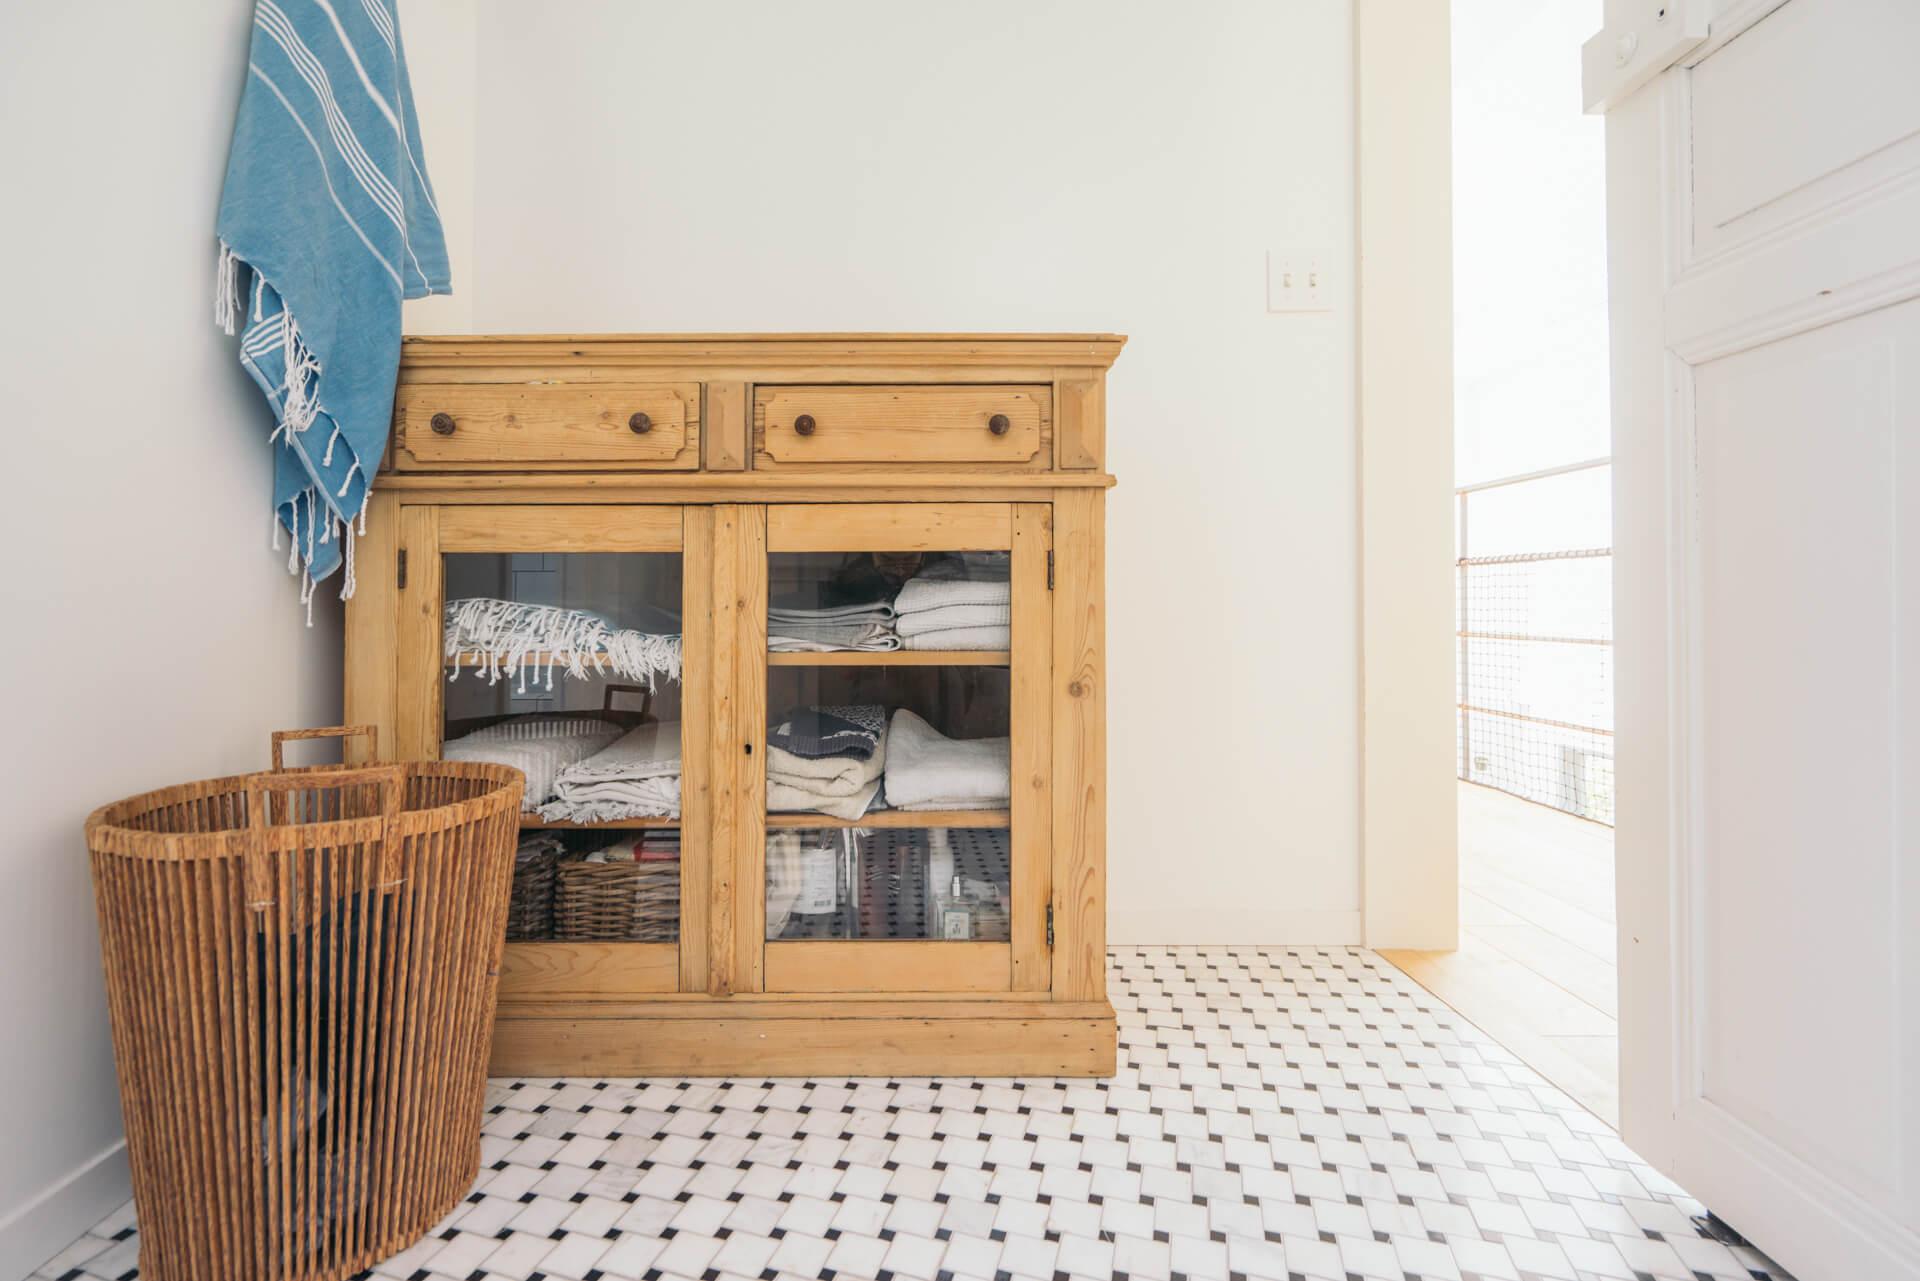 福岡の家具屋さんで購入したヴィンテージの棚をおいて。